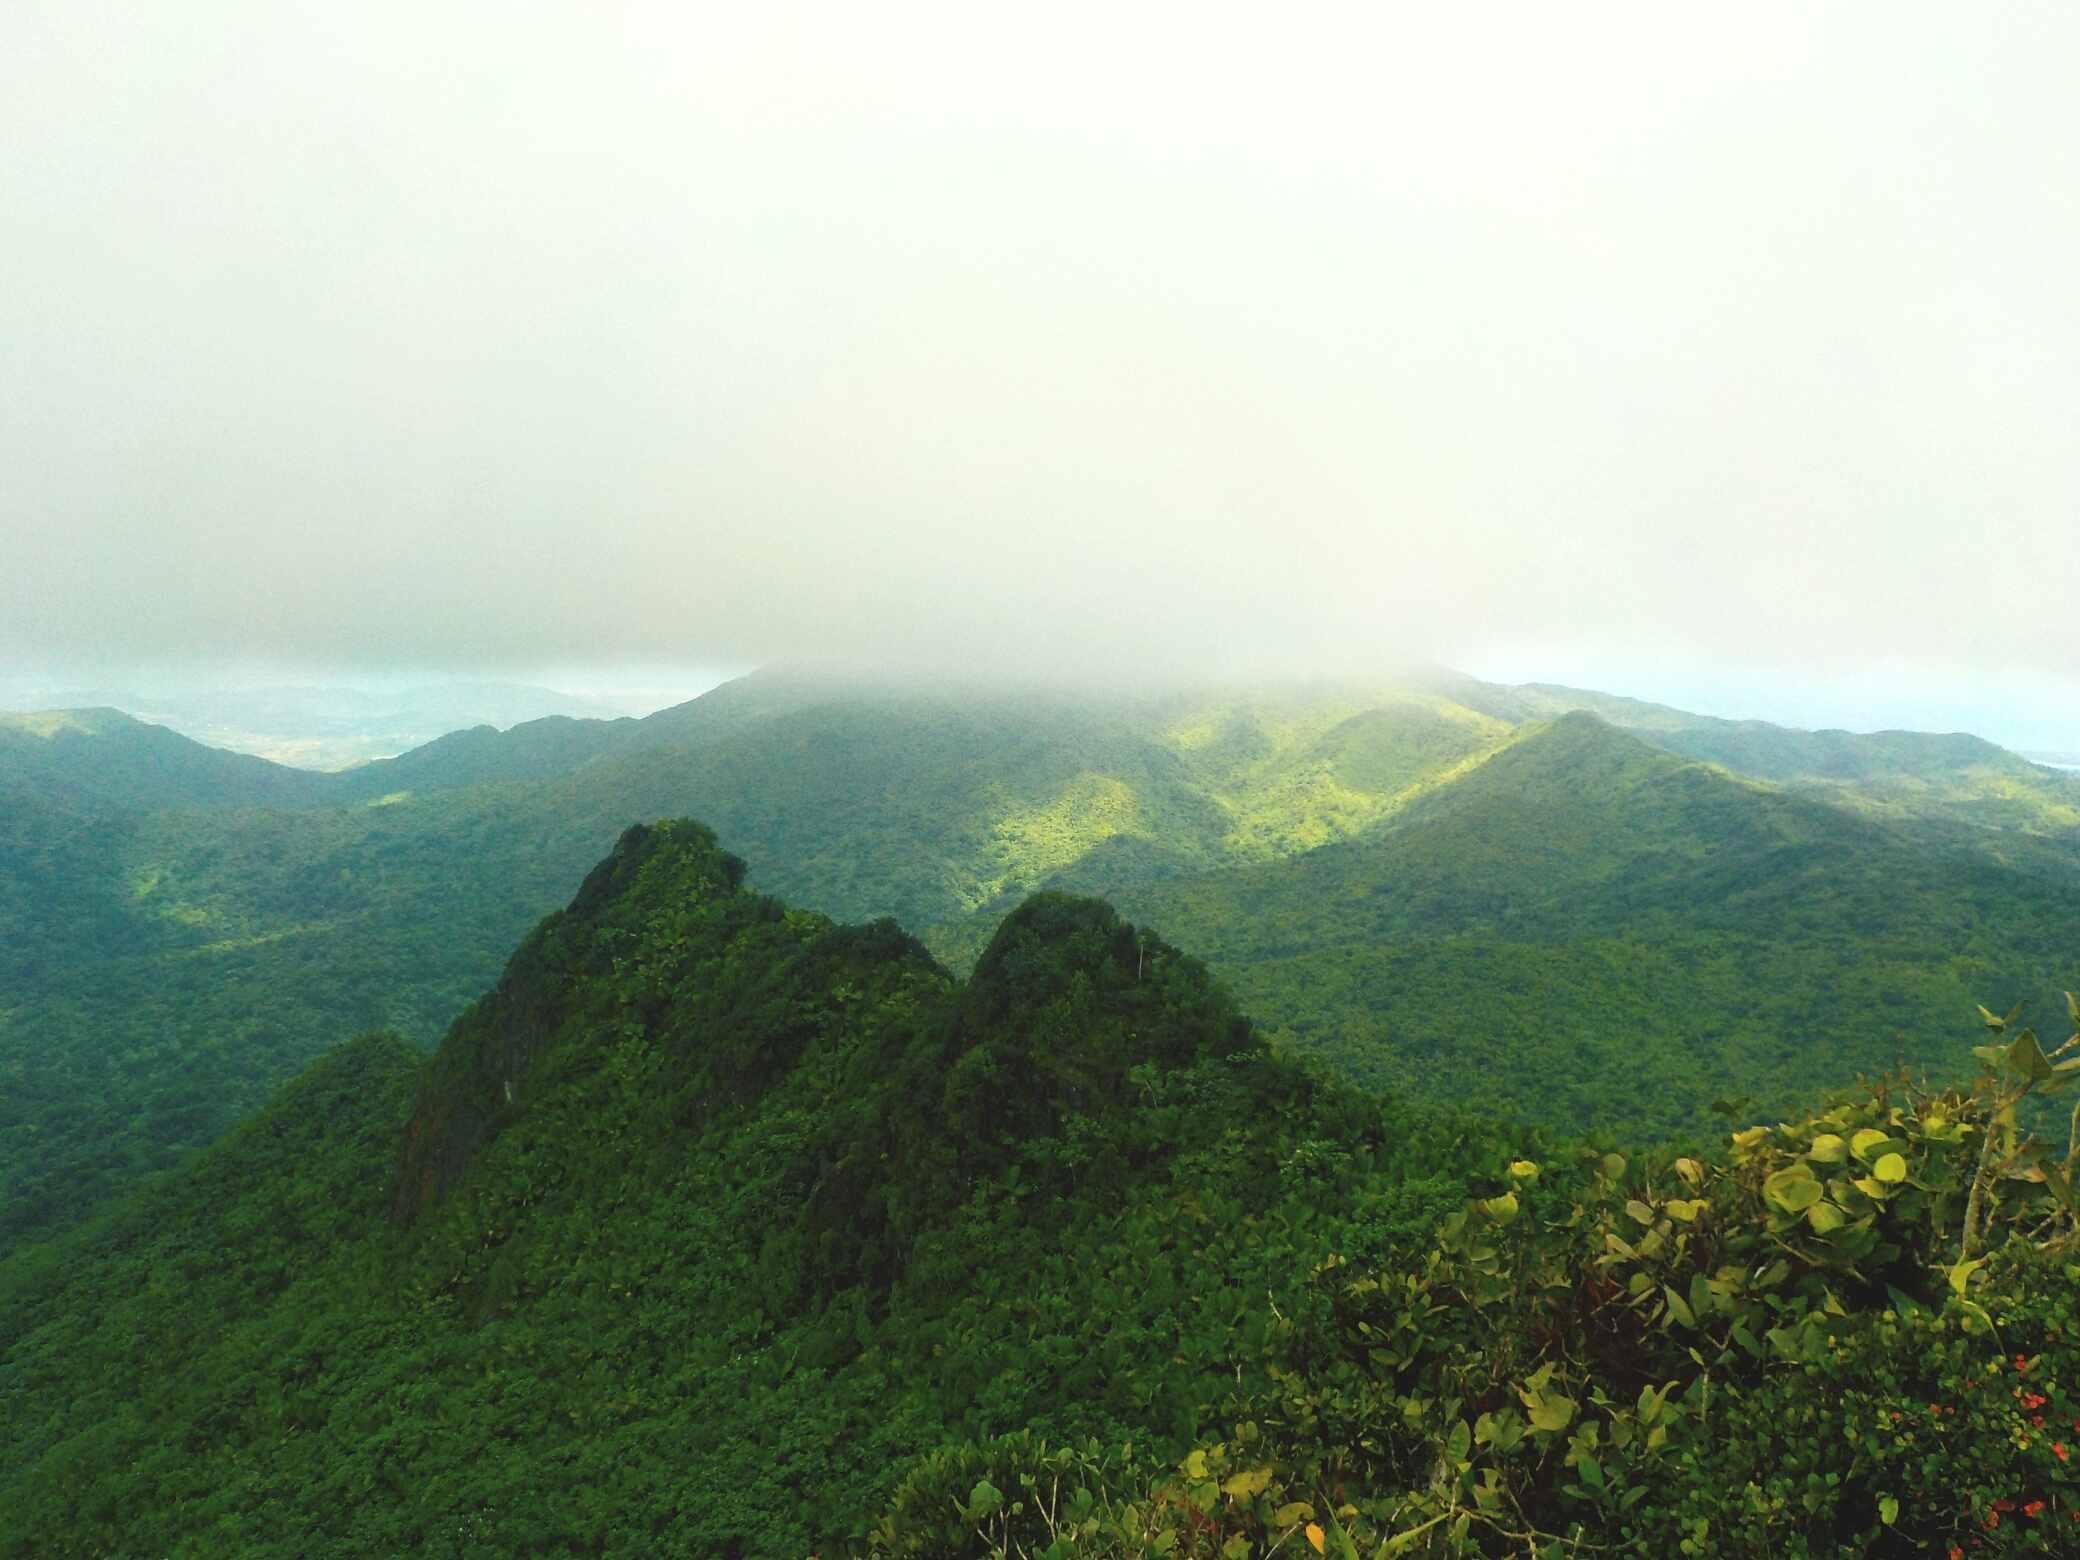 El Yunque national park in Puerto Rico.